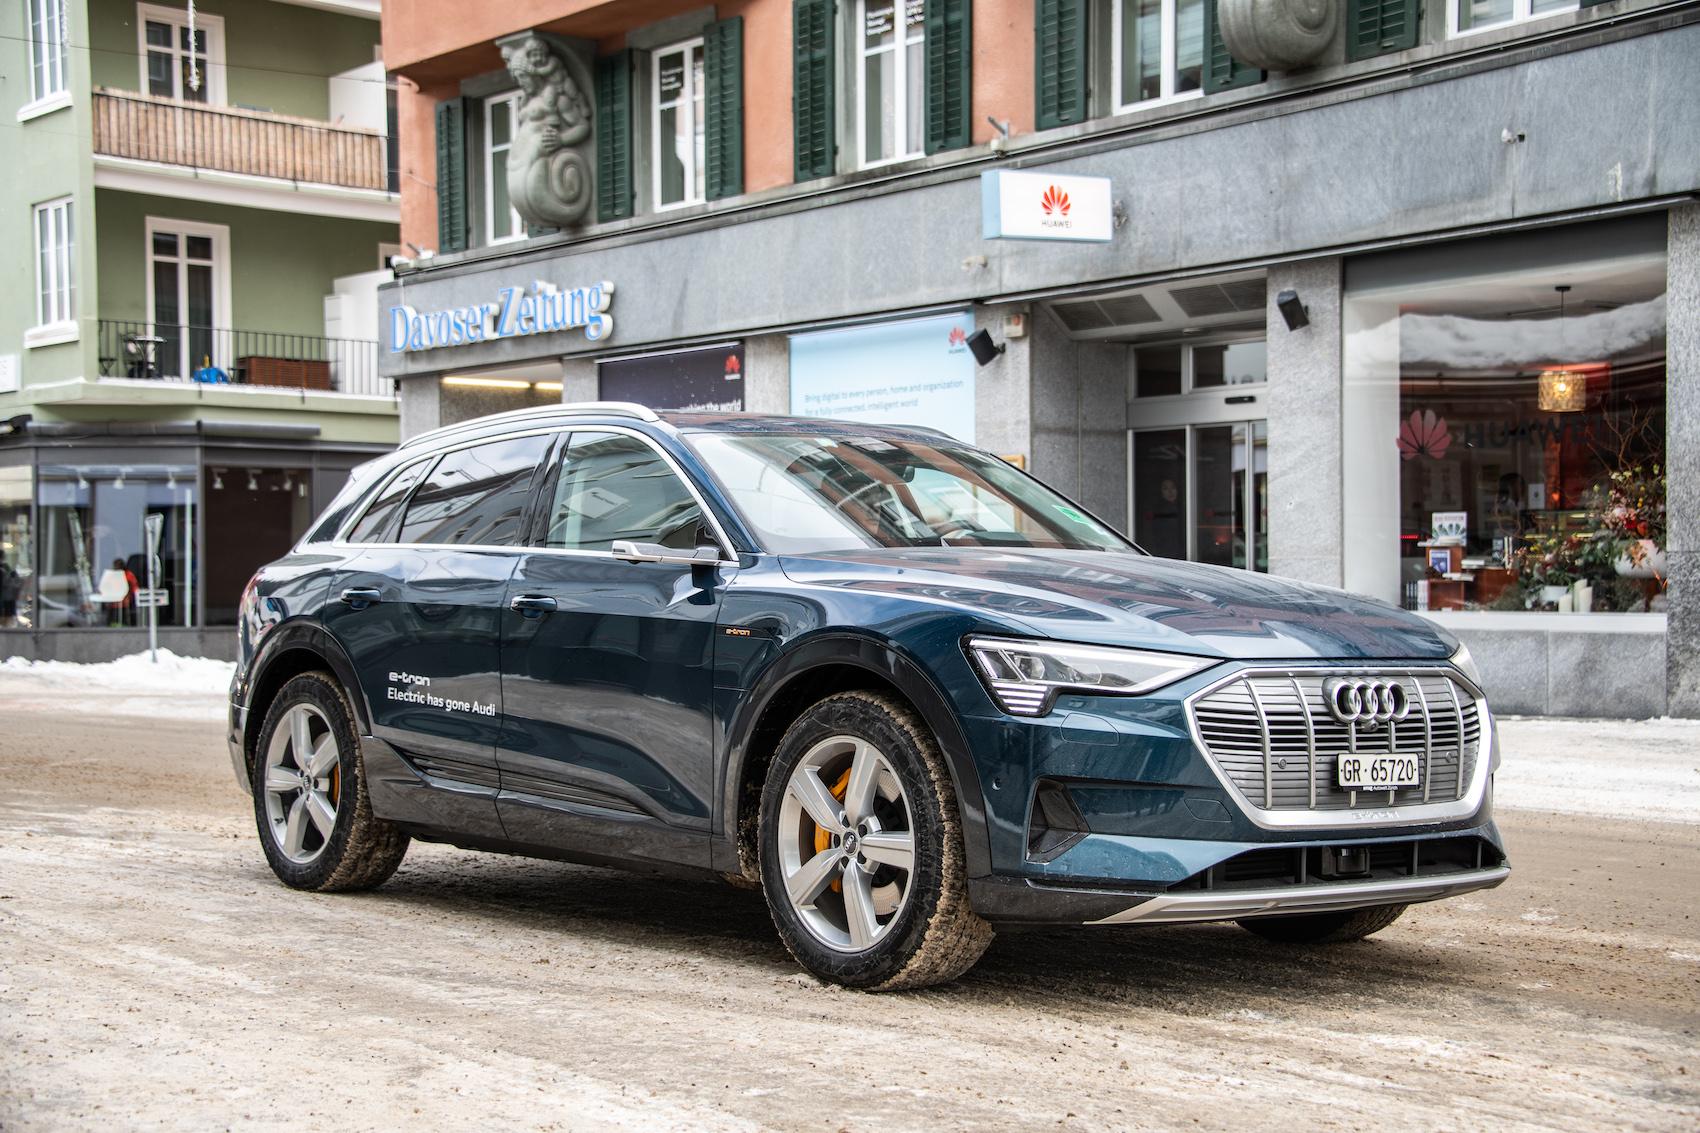 Il freddo alpino non la disturba minimamente: un'Audi e-tron in servizio a Davos. (Foto: Adrian Bretscher)